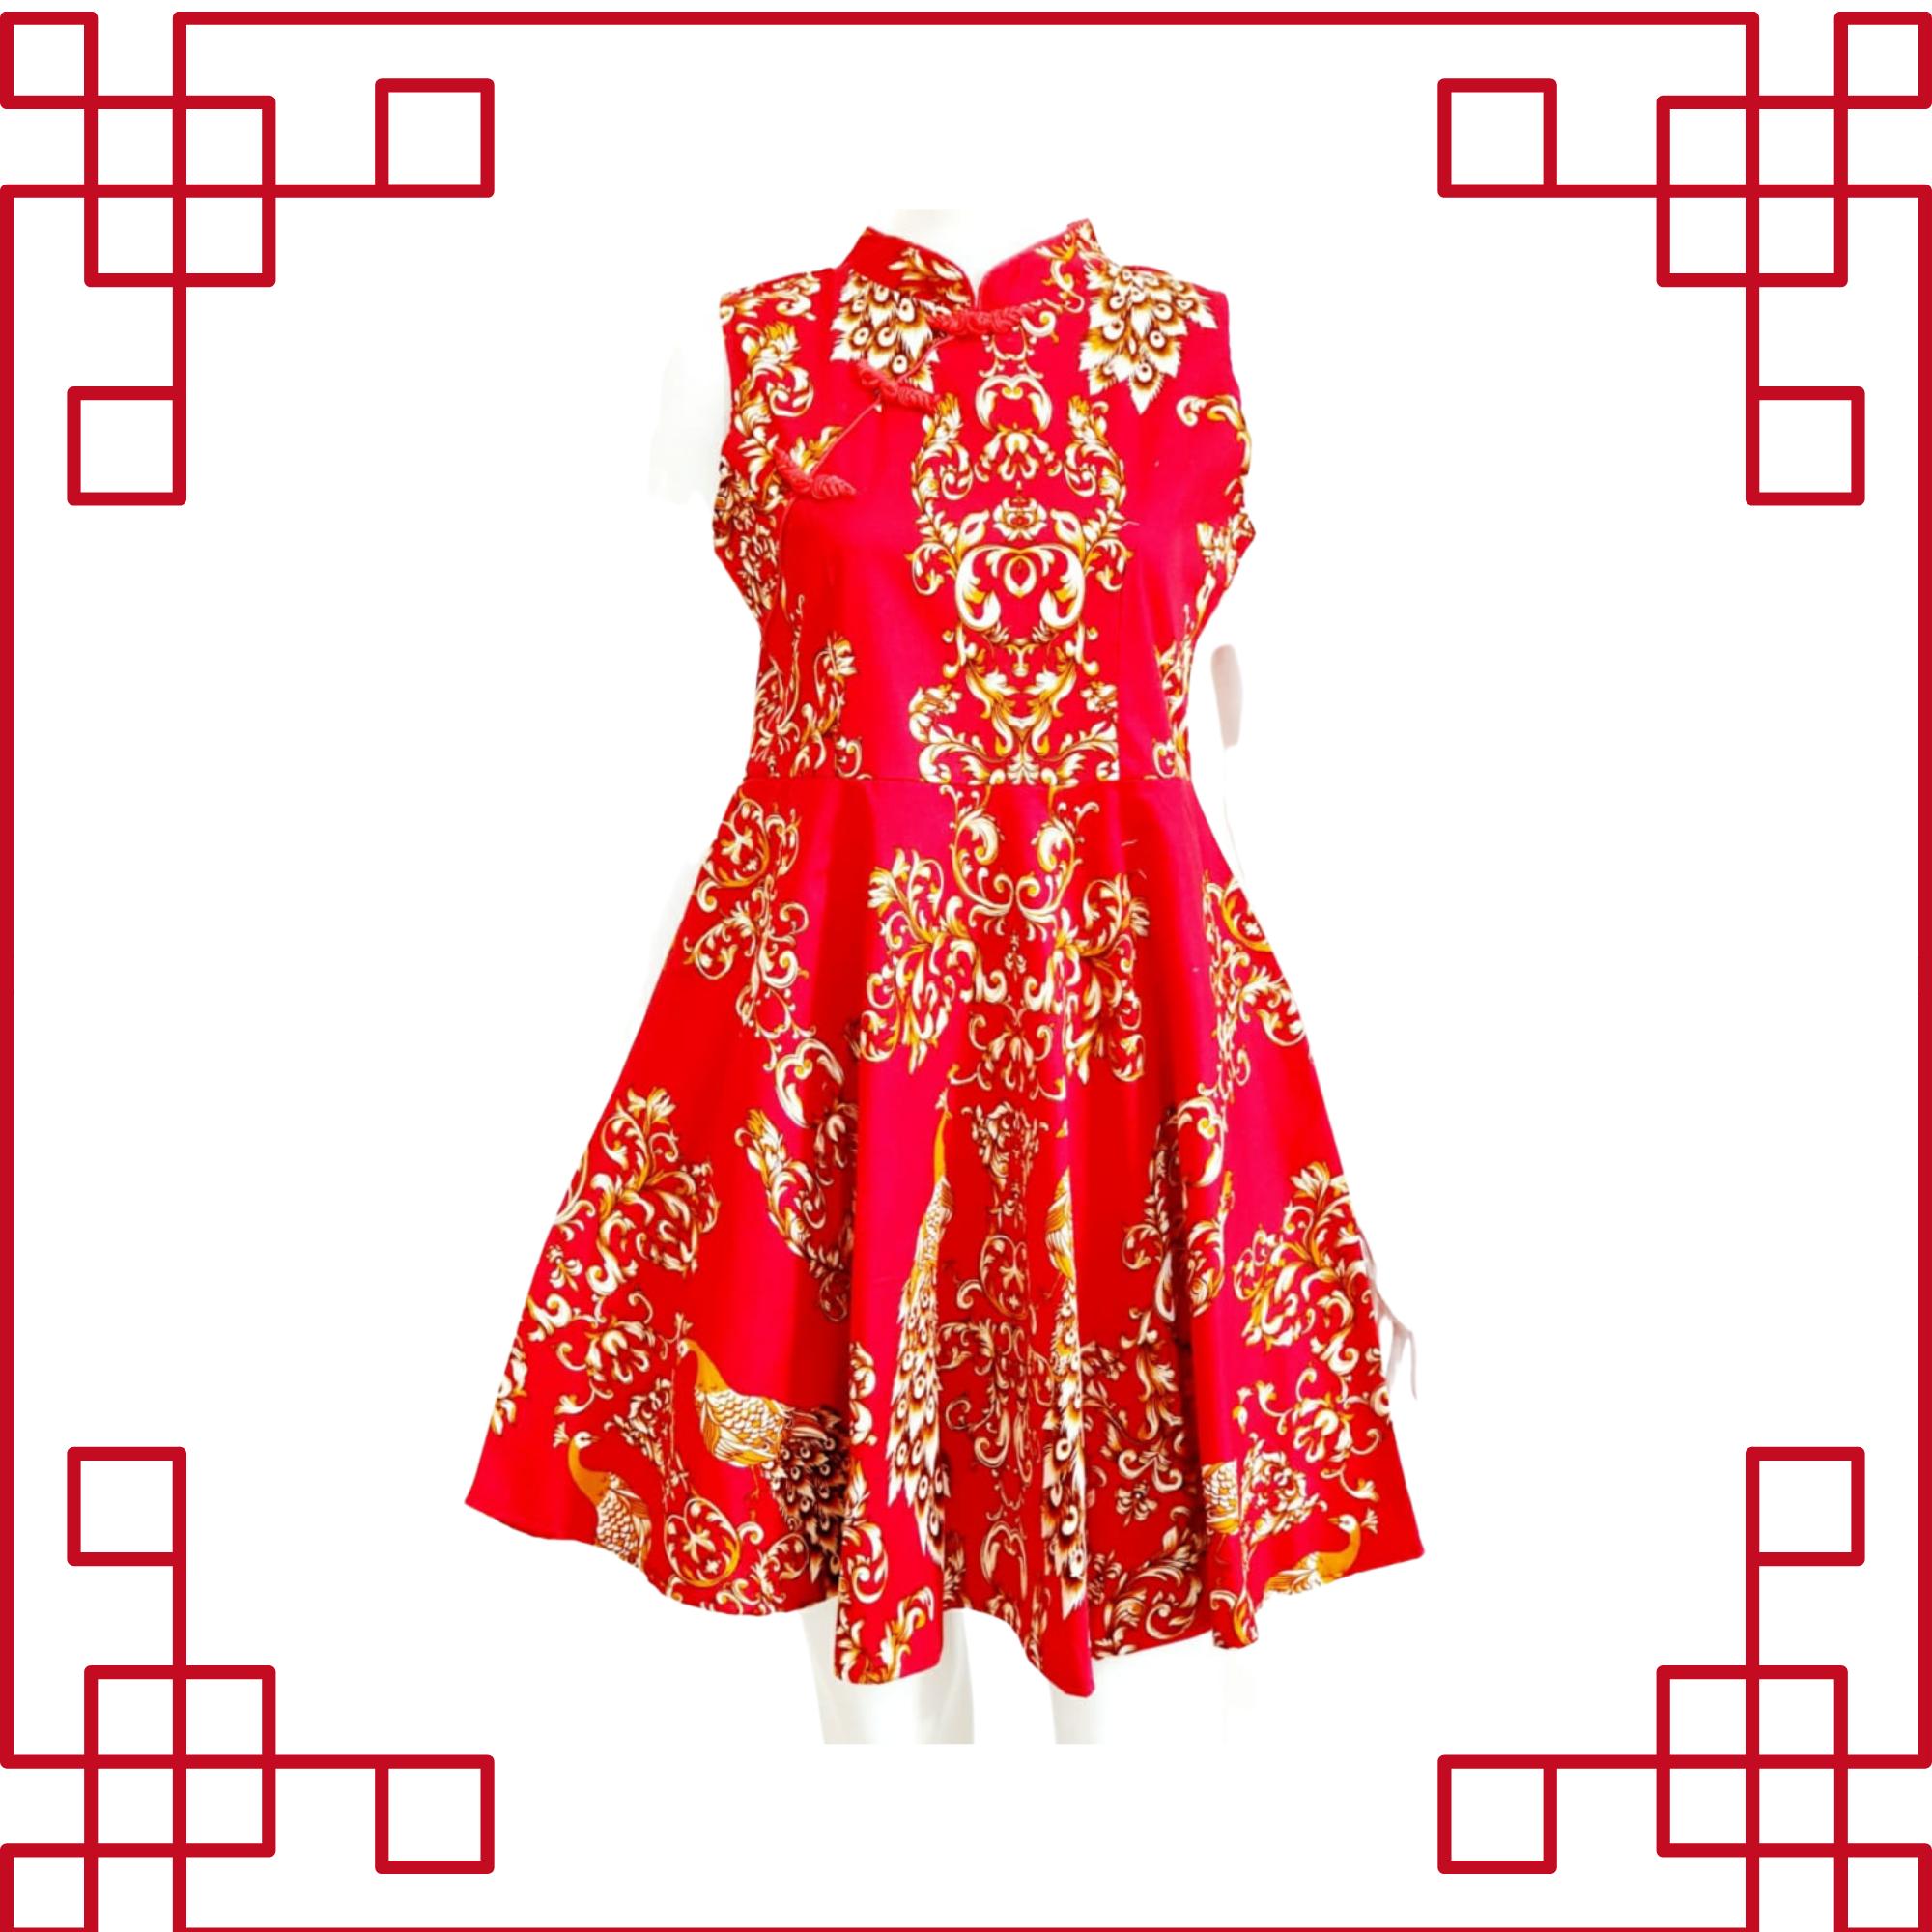 Cheongsam Batik Red Dress Sleeveless 851-A1